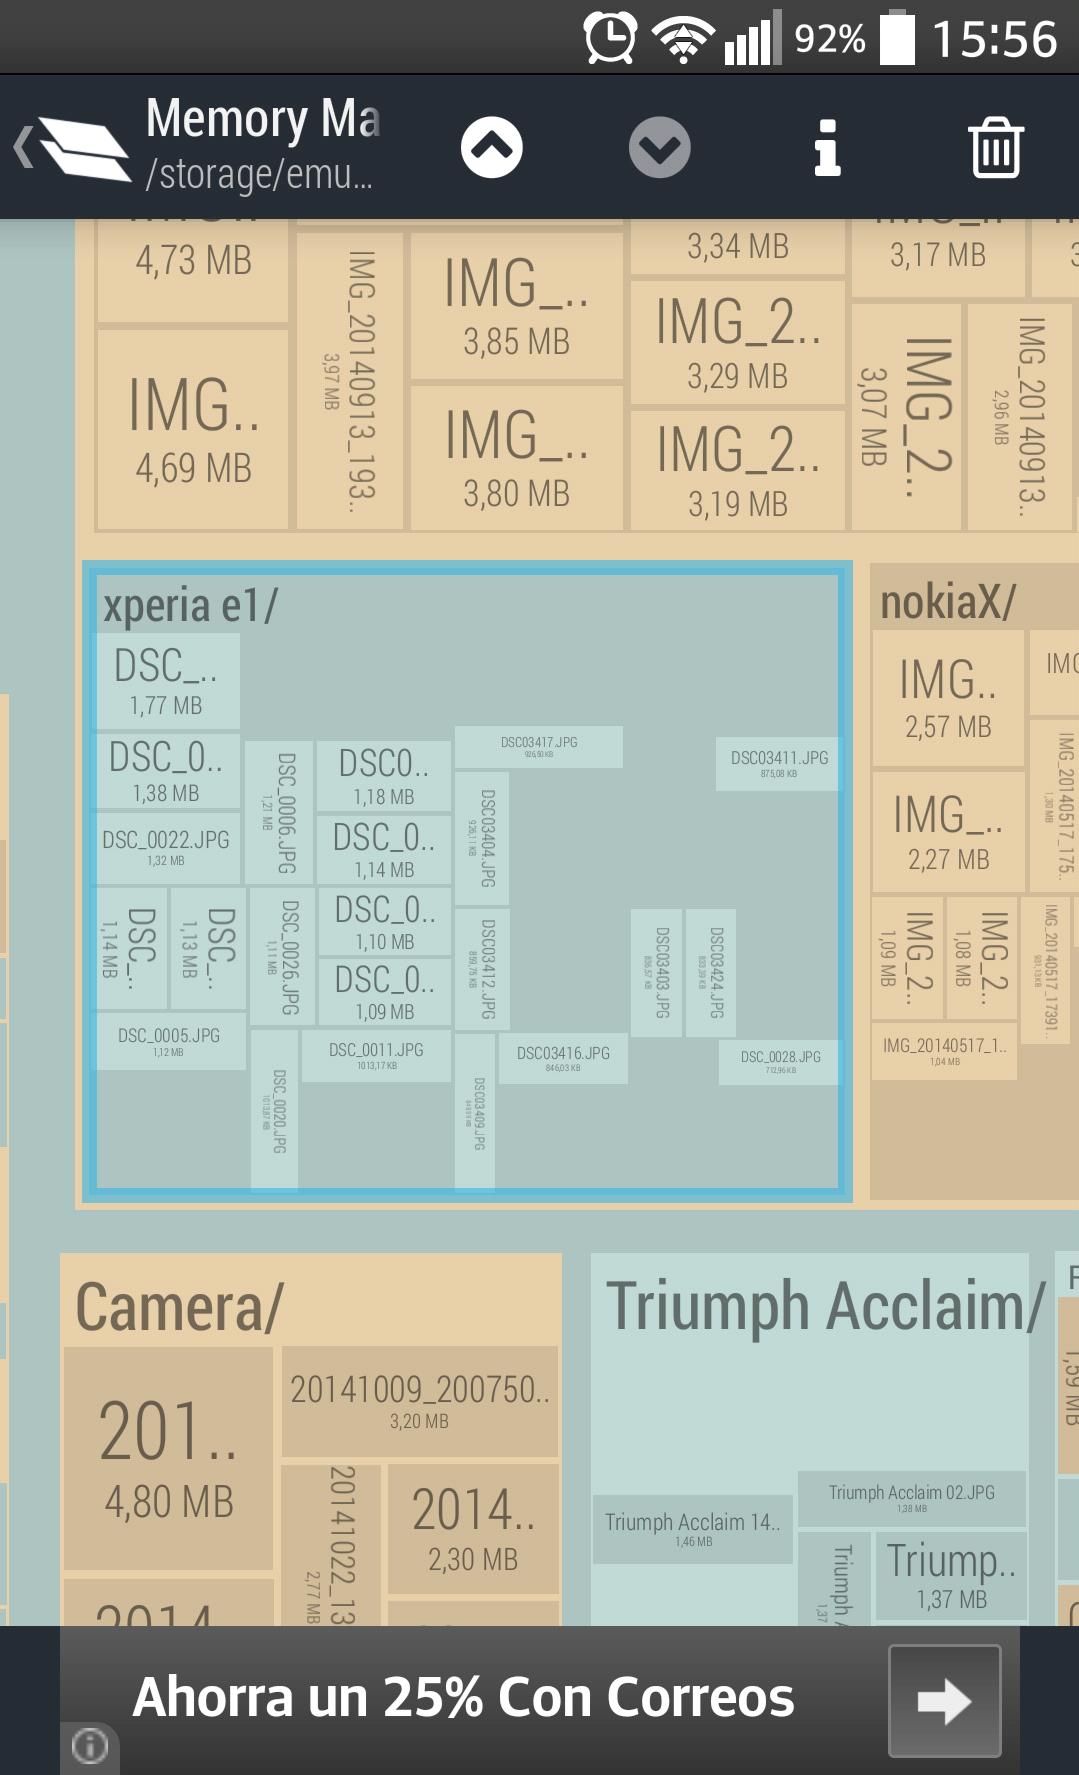 memory map 03